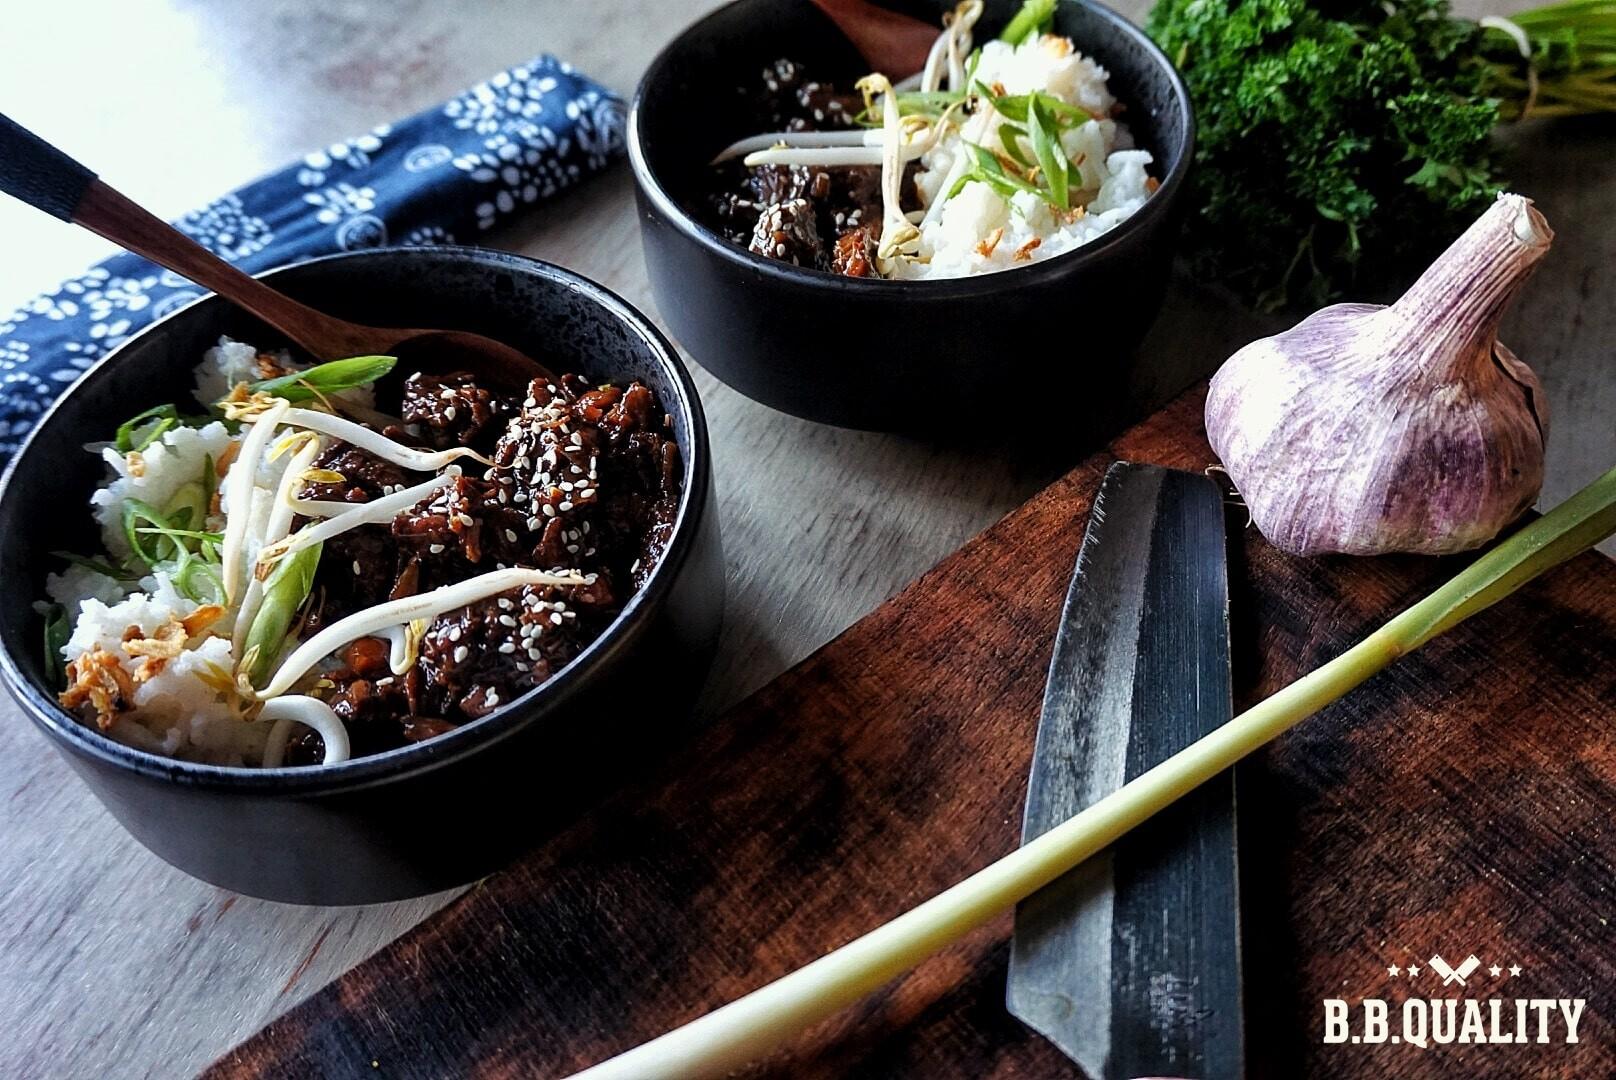 Koreaanse stoof recept | BBQuality